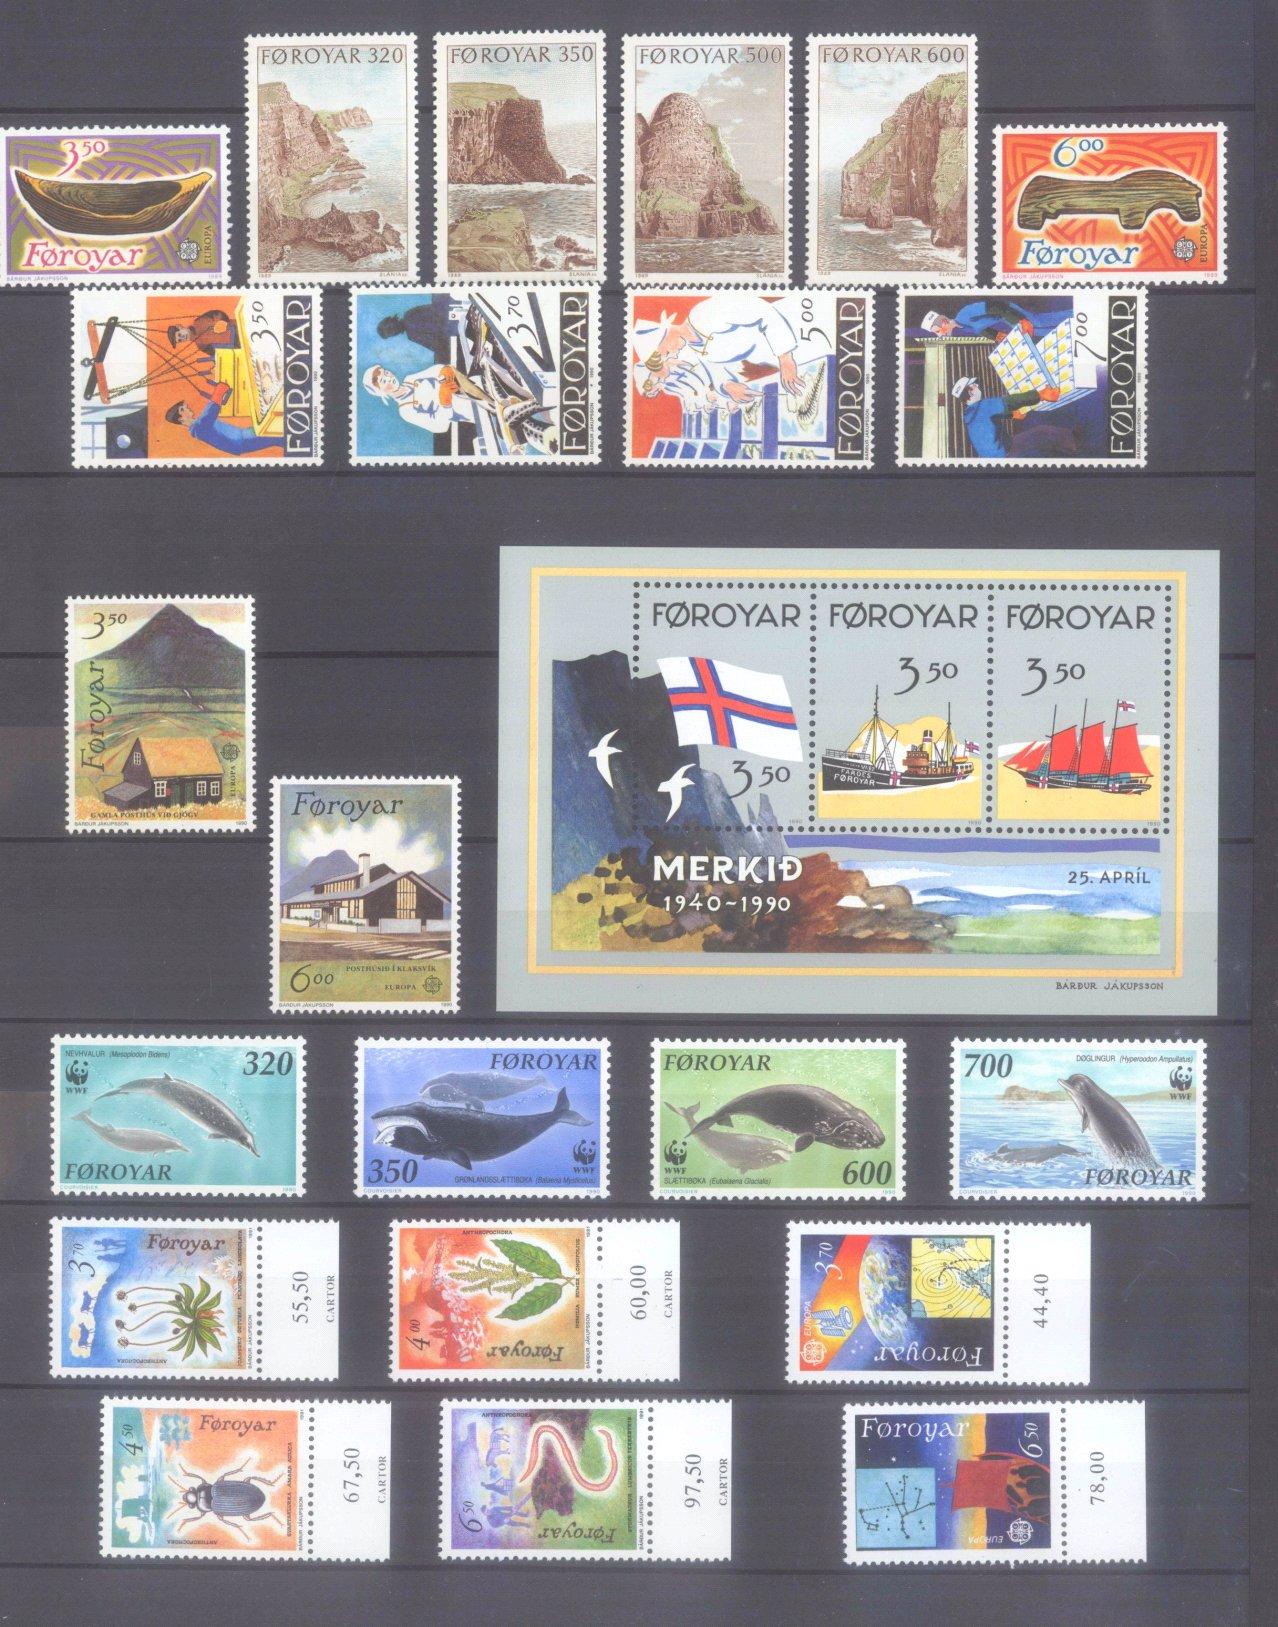 FÄRÖER 1975-1995, Katalogwert 600,- Euro.-1